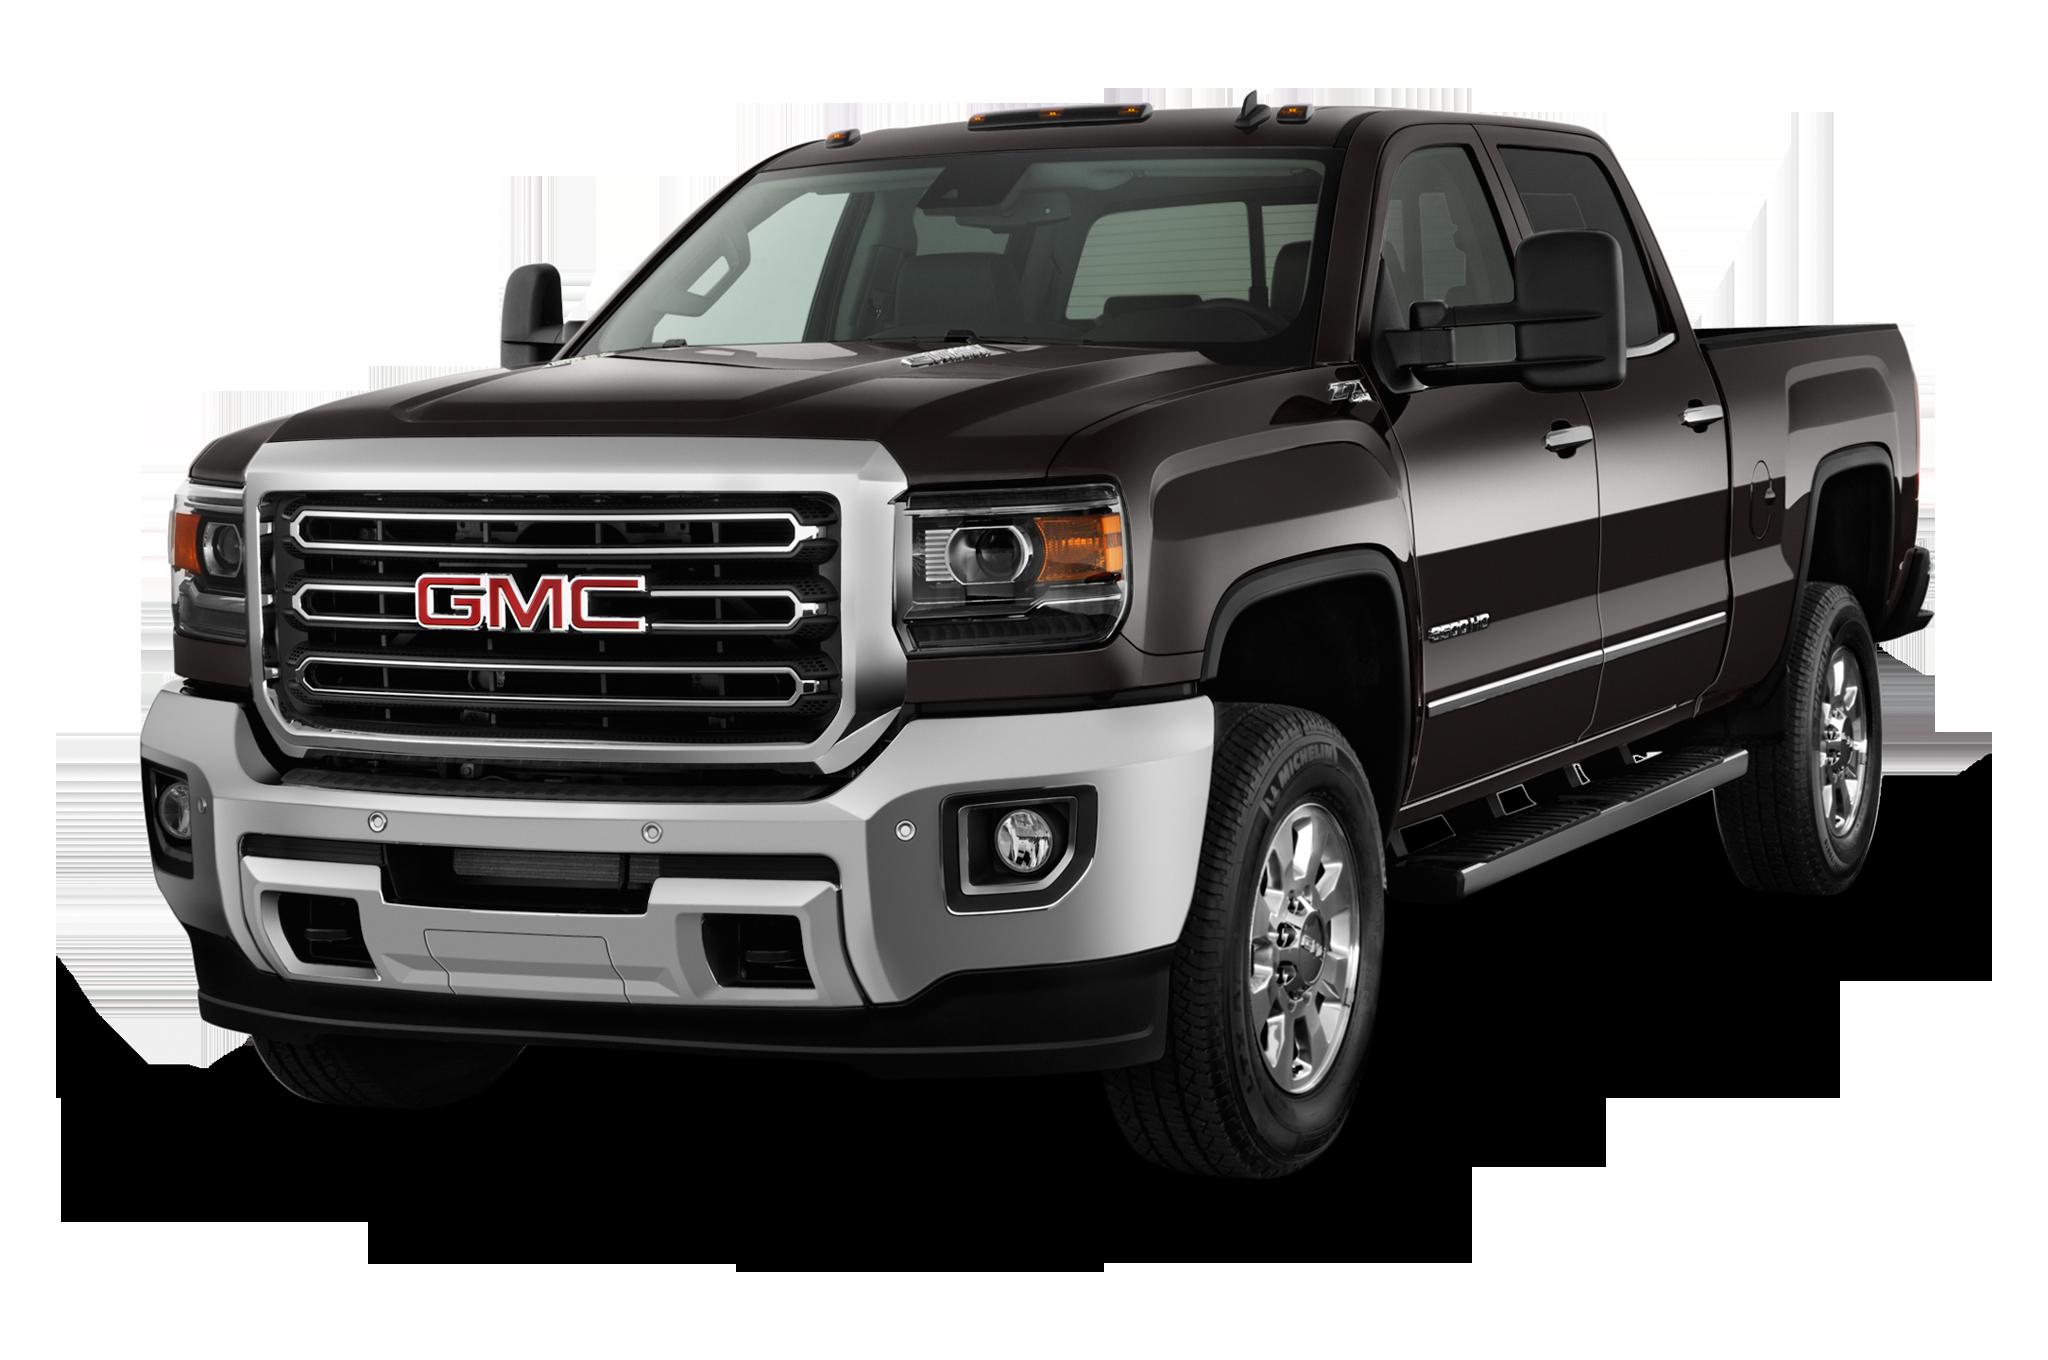 2017 GMC Sierra 3500HD Reviews.